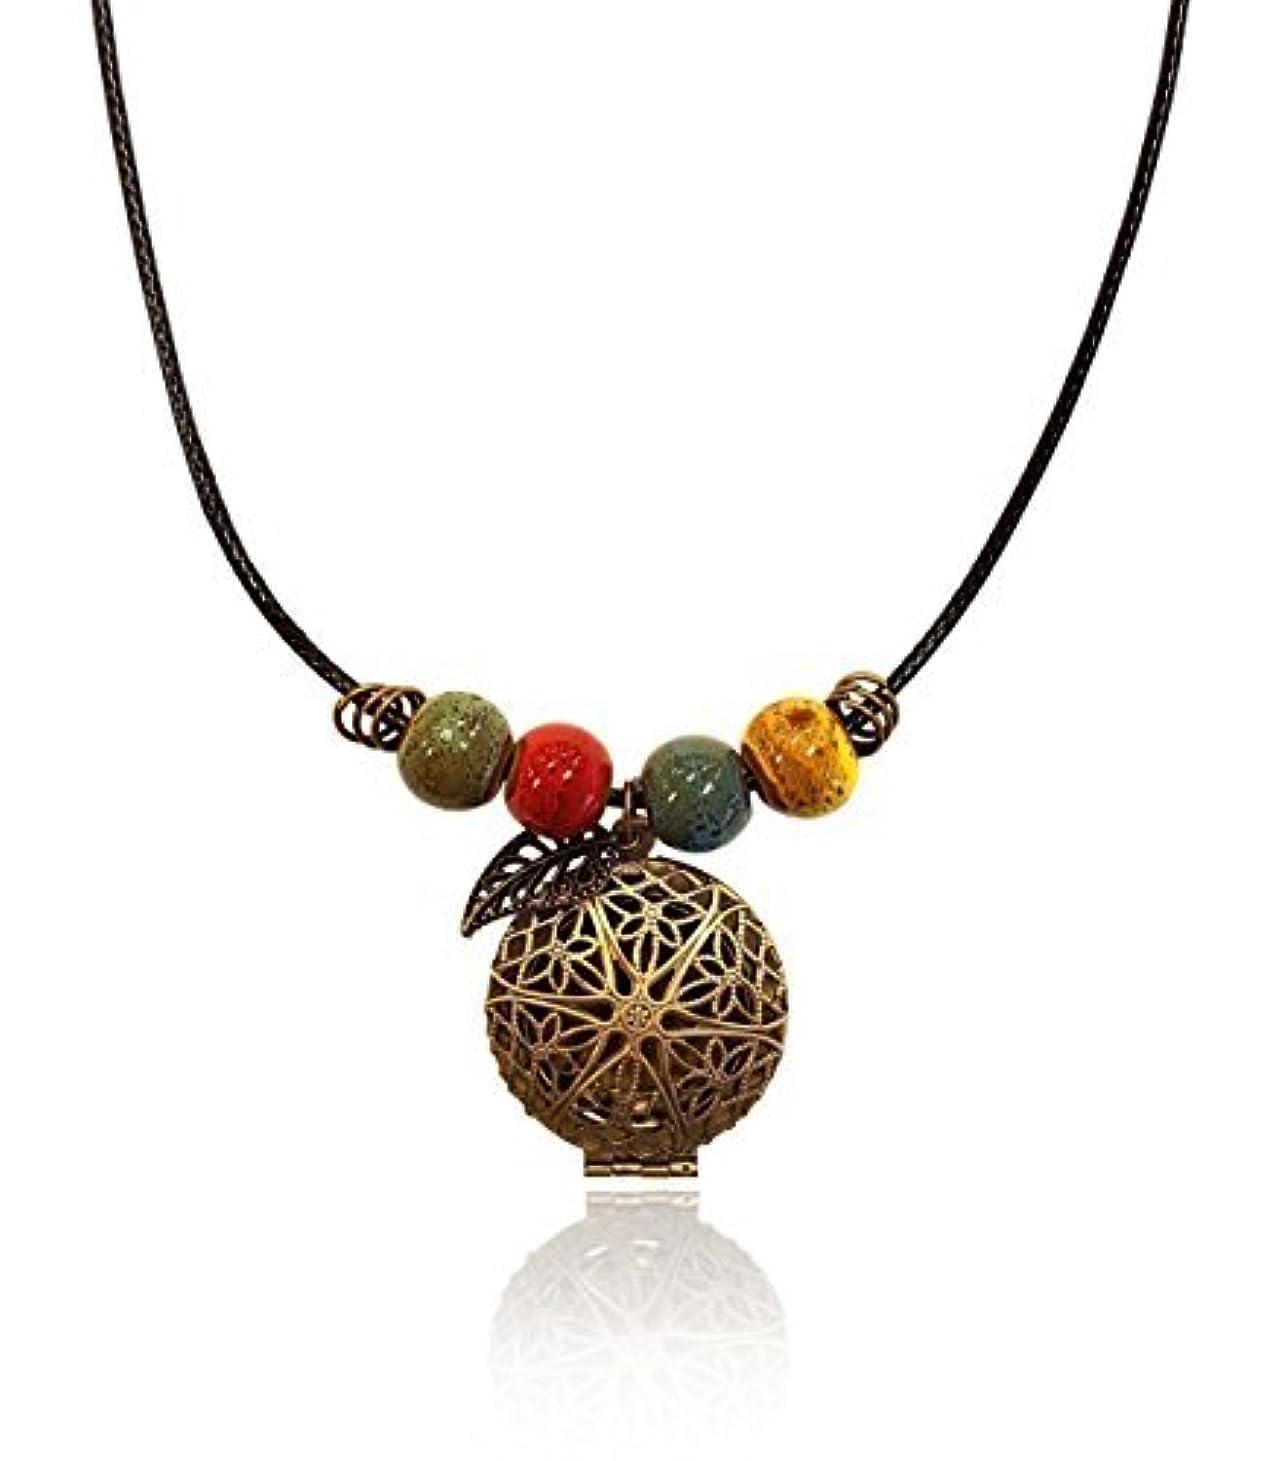 部族義務付けられた化学Brass-tone BOHO Colorful Bohemian Beaded Gypsy Essential Oil Diffuser Jewelry Aromatherapy Locket Pendant includes...